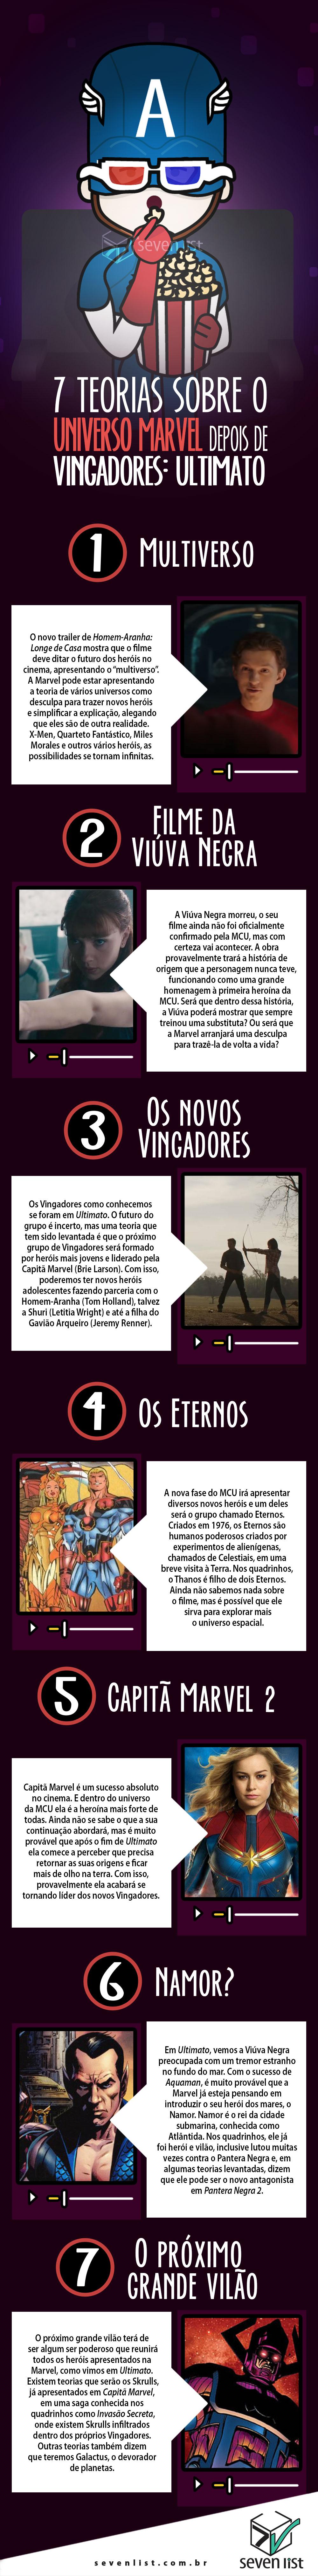 7 TEORIAS SOBRE O UNIVERSO MARVEL DEPOIS DE VINGADORES ULTIMATO - SEVEN LIST